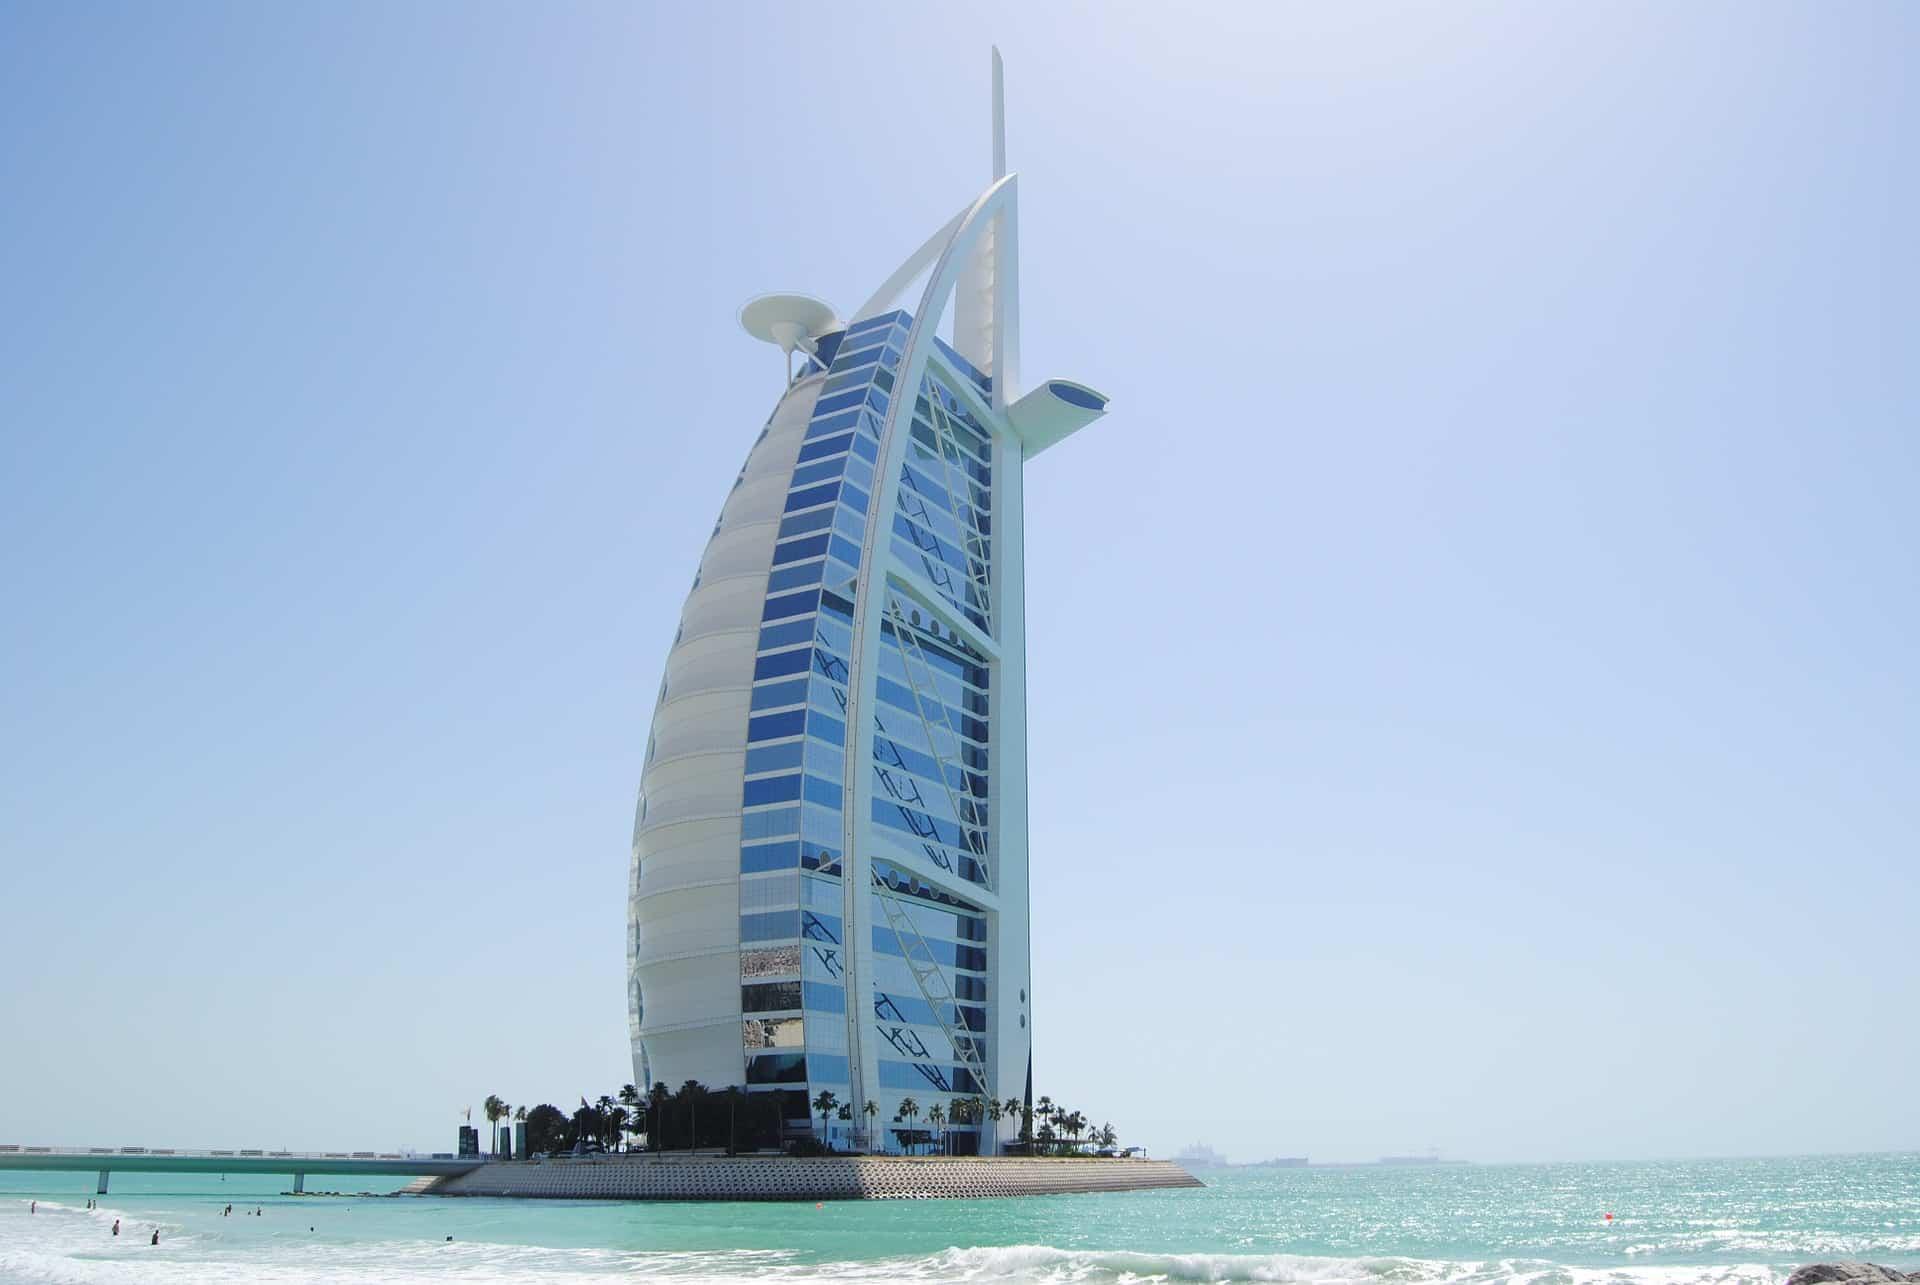 Burj al Arab willkommen im Luxushotel der Stadt